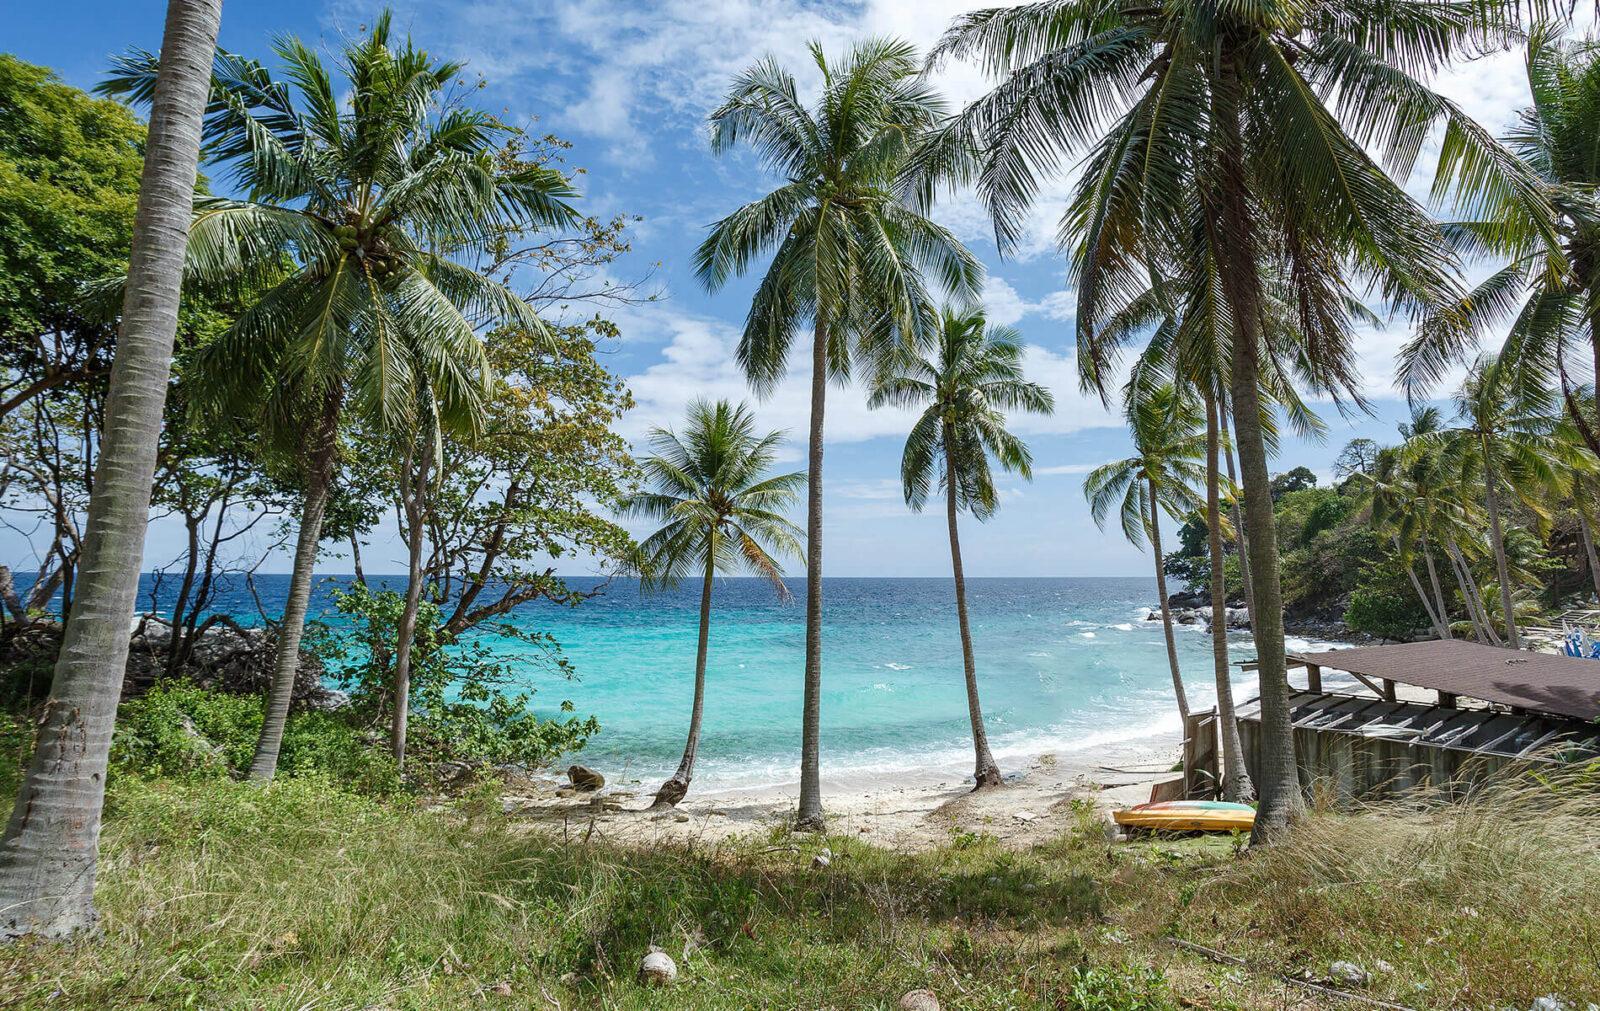 Фото островов Рача на Пхукете